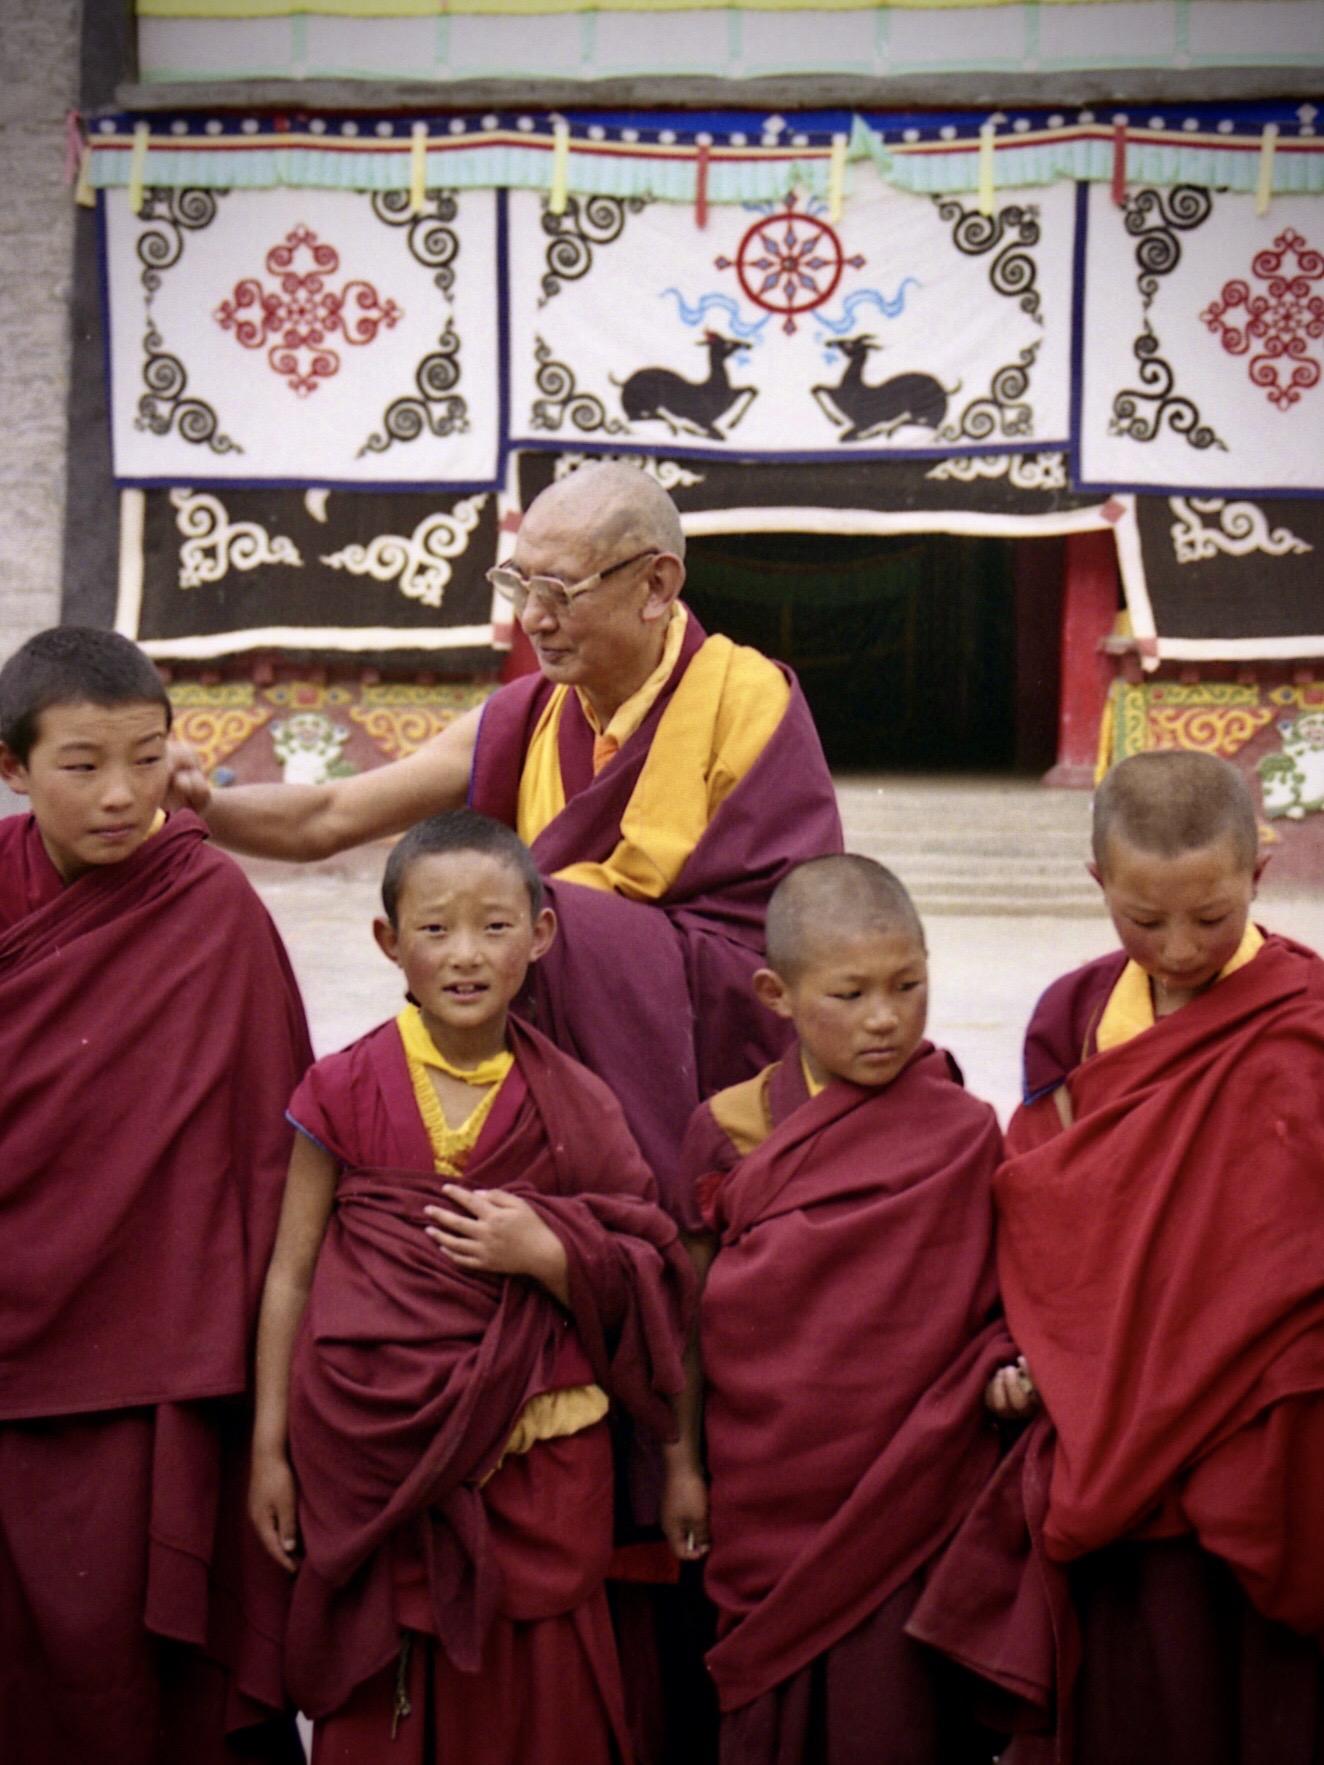 郭沙寺林珠仁波切与学僧。(唯色1999年摄影)